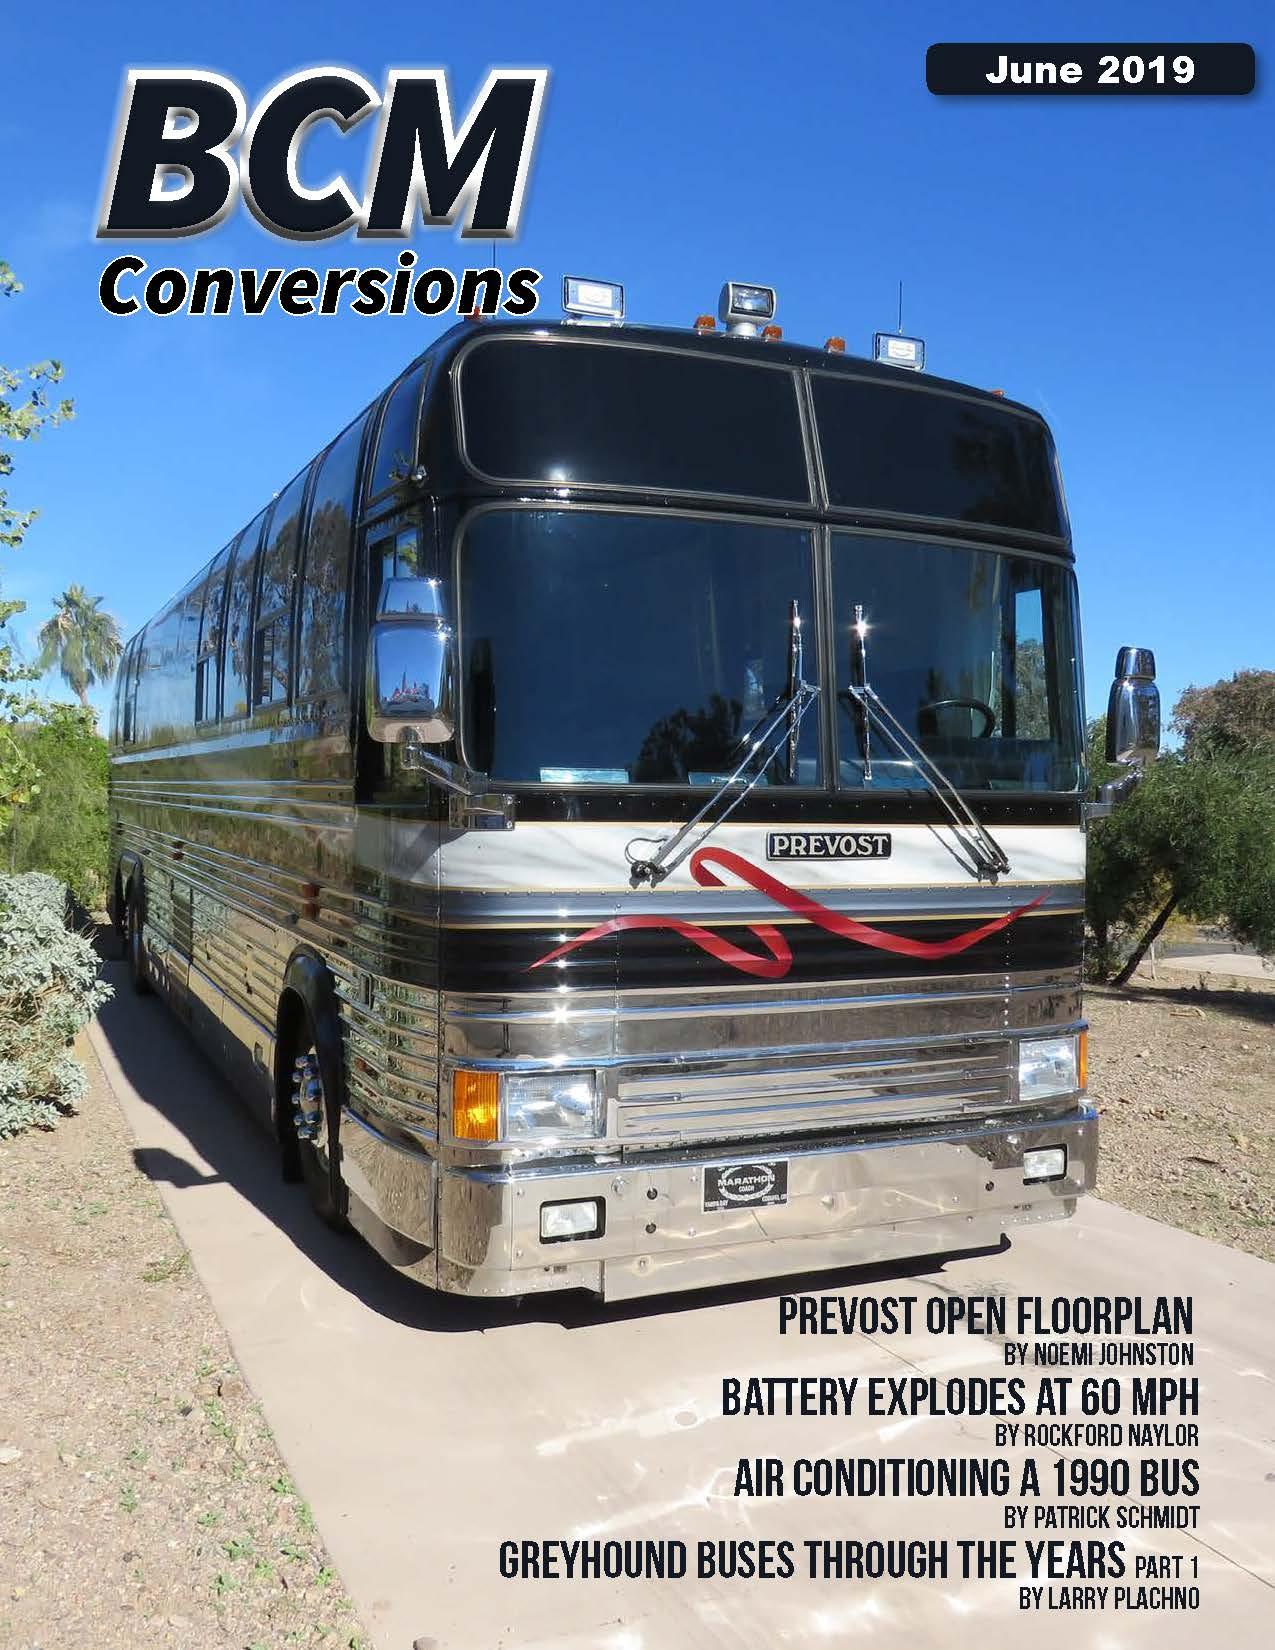 """<a href=""""""""><img class=""""spu-open-10240"""" src=""""https://www.busconversionmagazine.com/wp-content/uploads/2019/06/June-Issue-2019-SD-19406-Teaser.jpg""""></a>"""